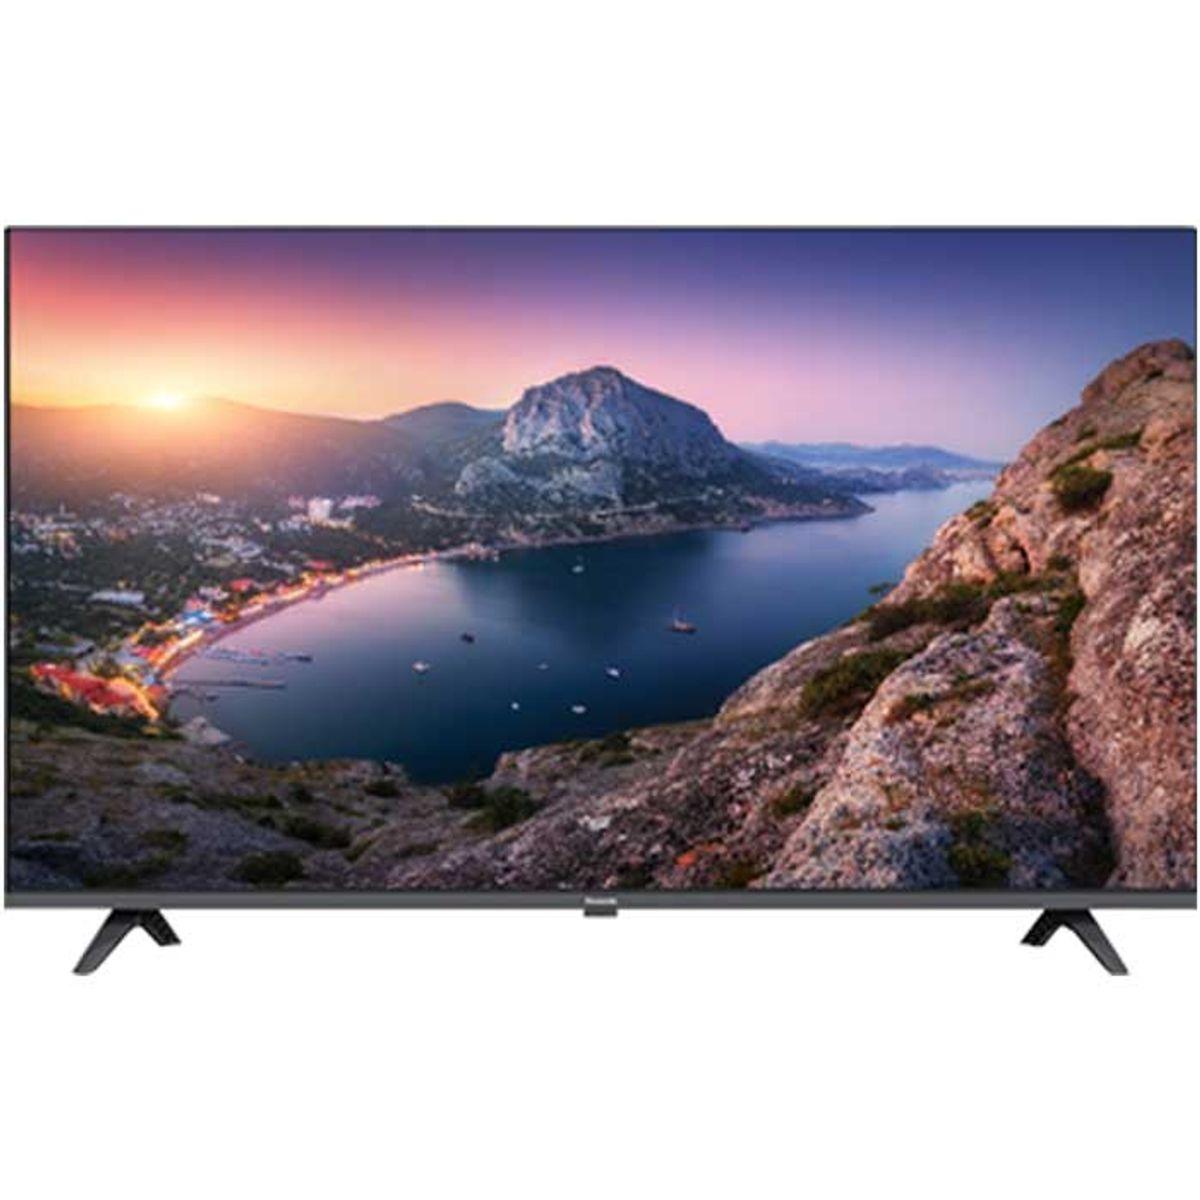 ಪ್ಯಾನಾಸೊನಿಕ್ 55 ಇಂಚು 4k TV (TH-55FX870DX)